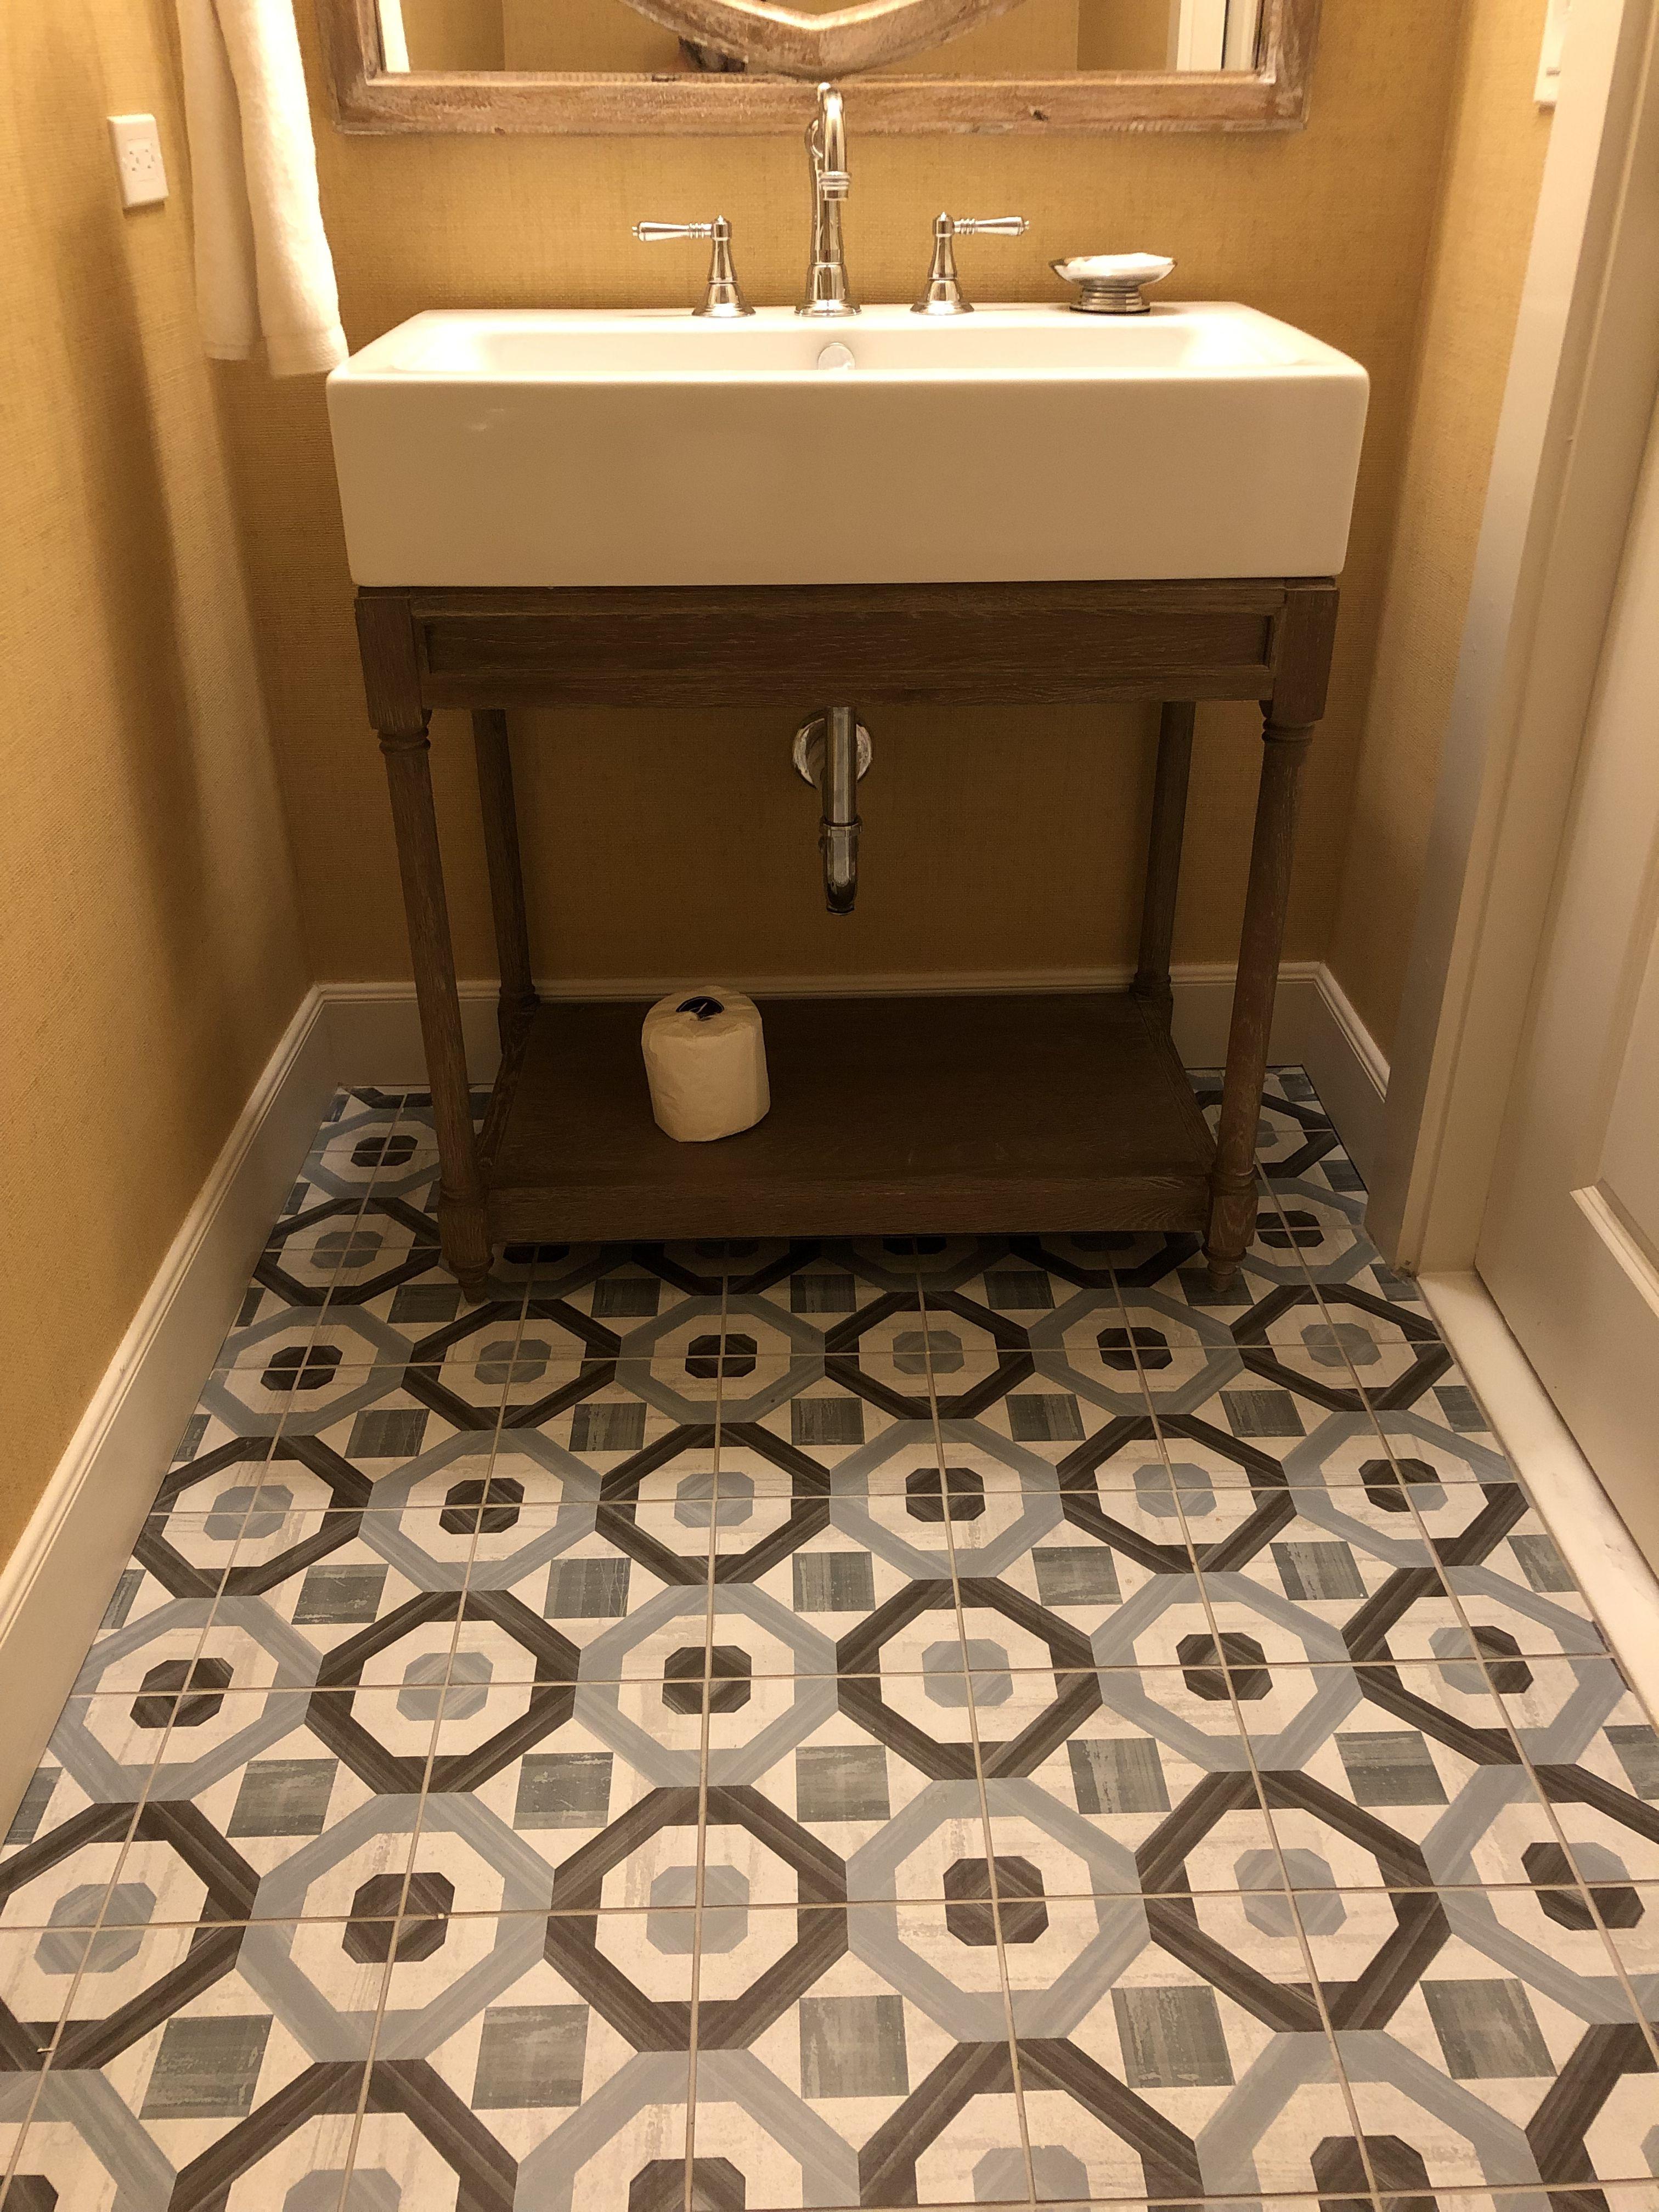 Pin By Dewayne Mercer On Powder Room Powder Room Bathroom Vanity Vanity [ 4032 x 3024 Pixel ]